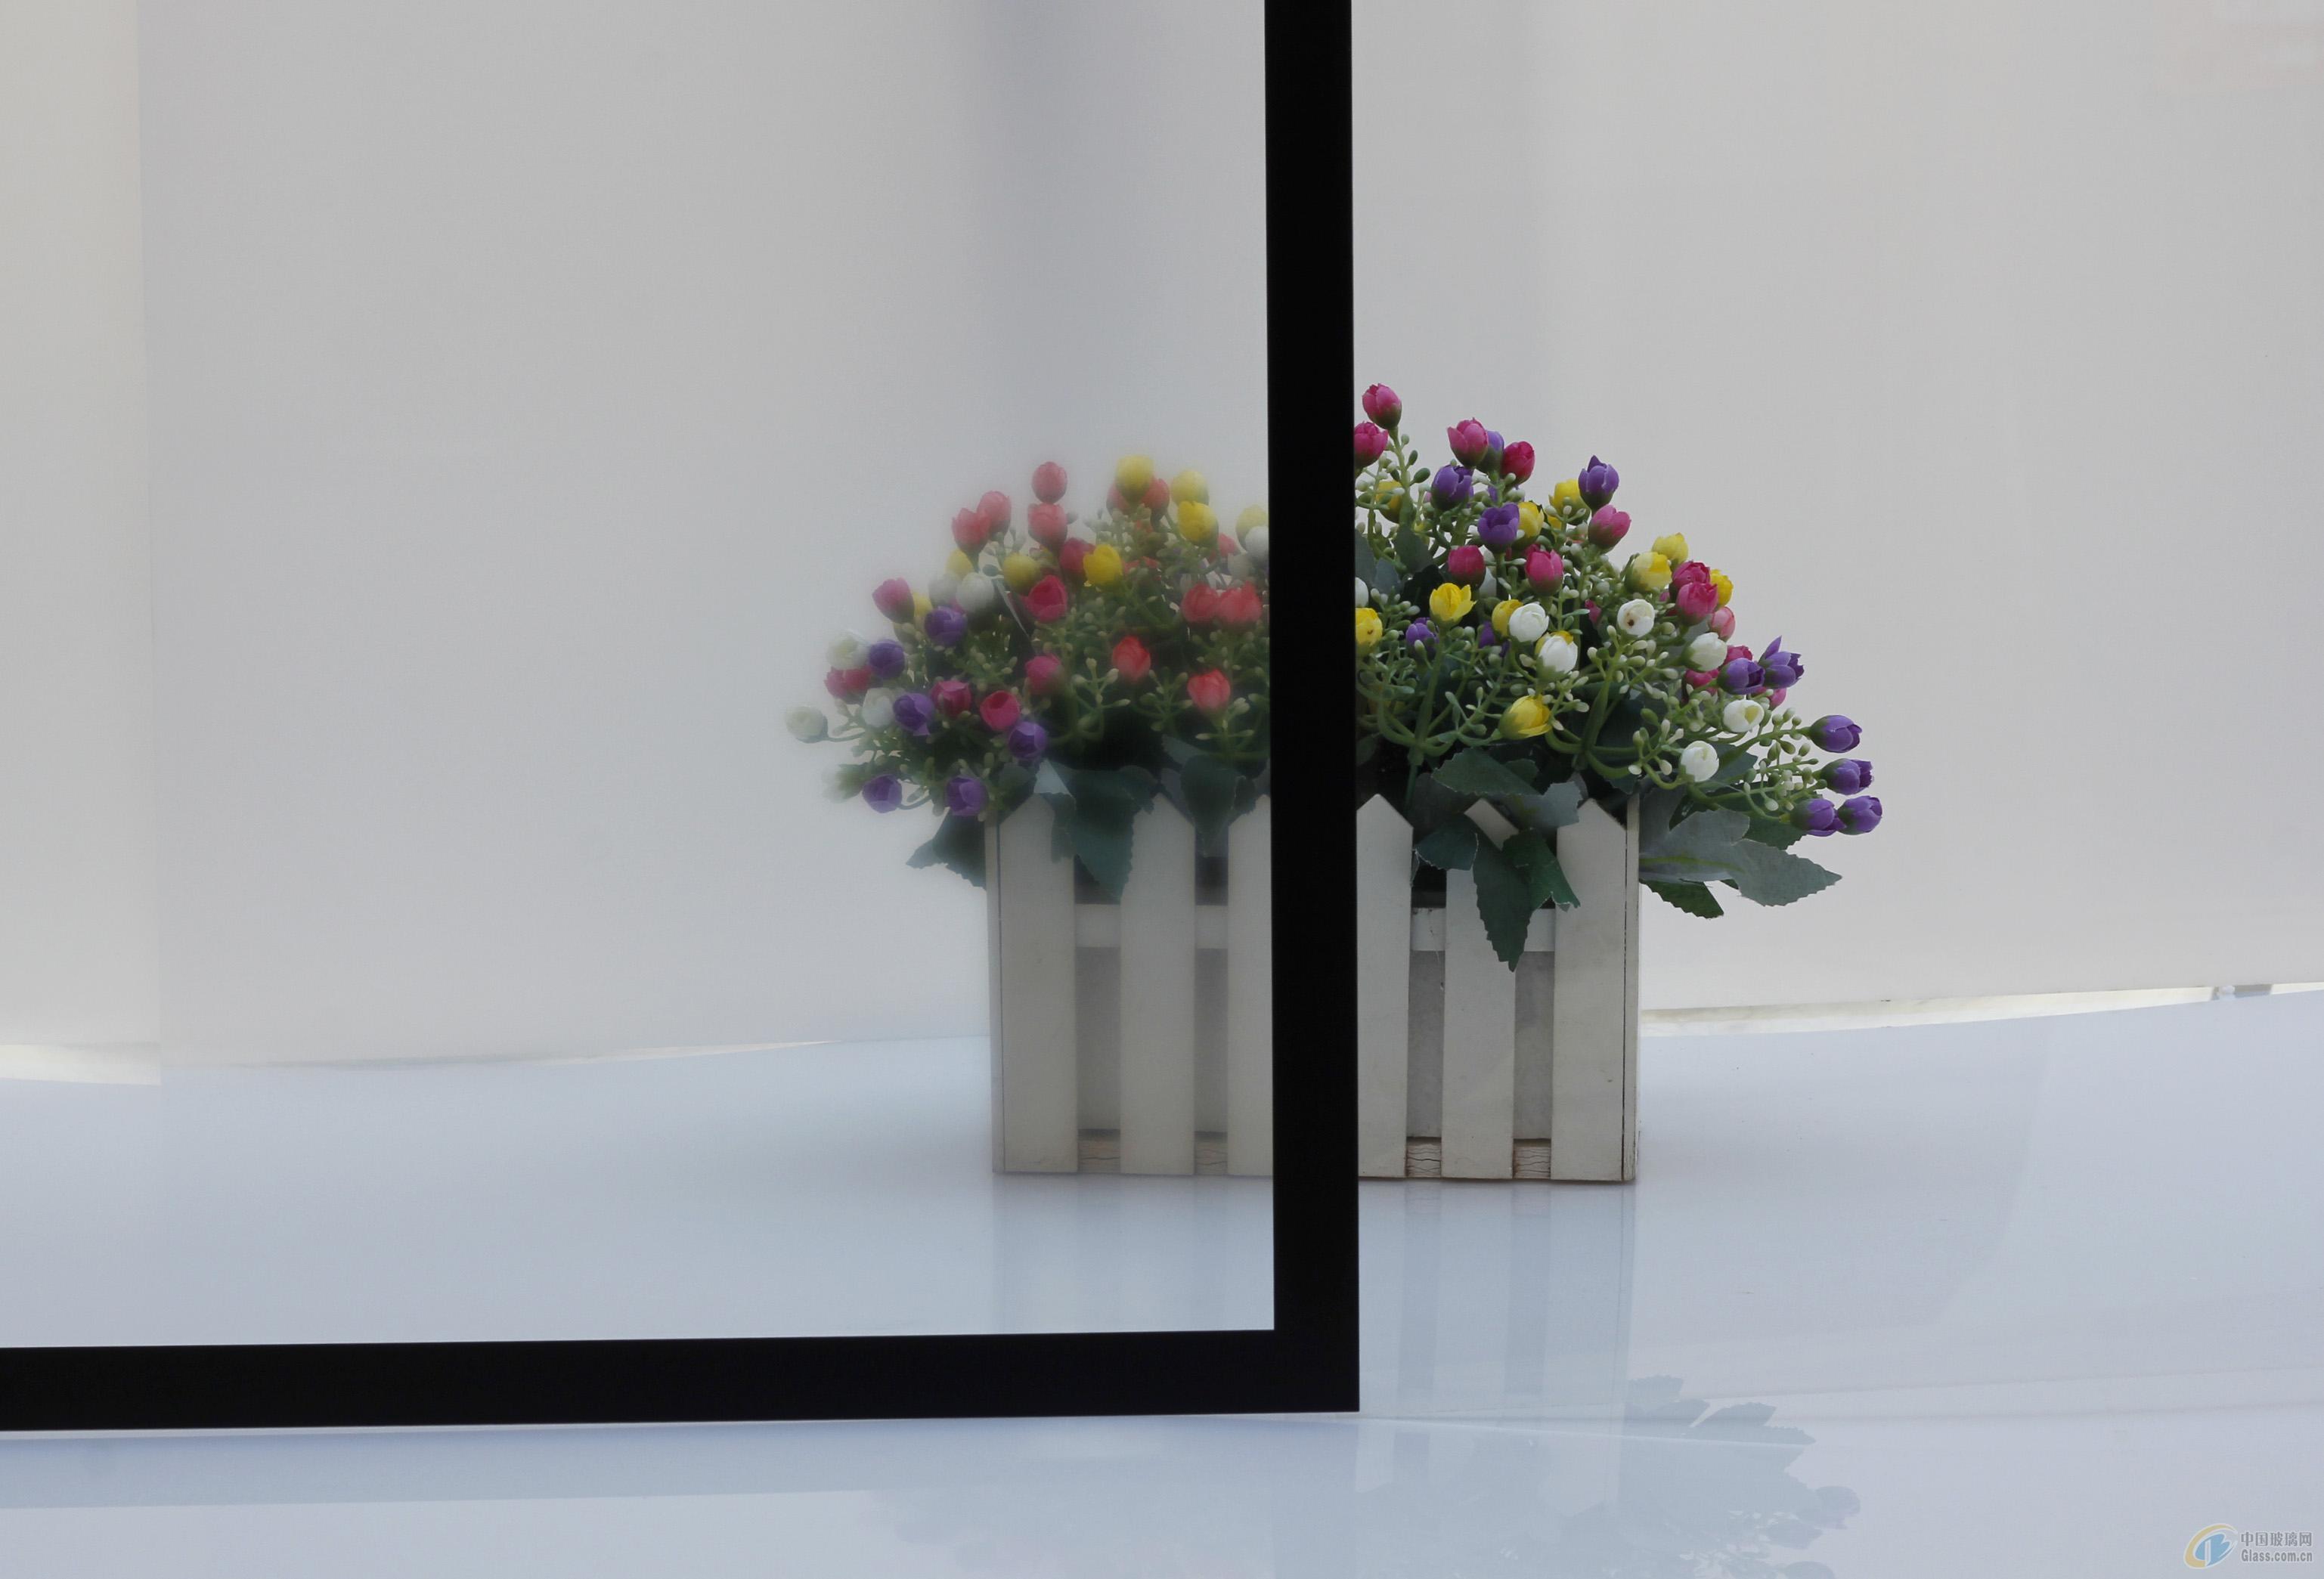 厂家直销防眩光玻璃,AG玻璃,户外显示器玻璃